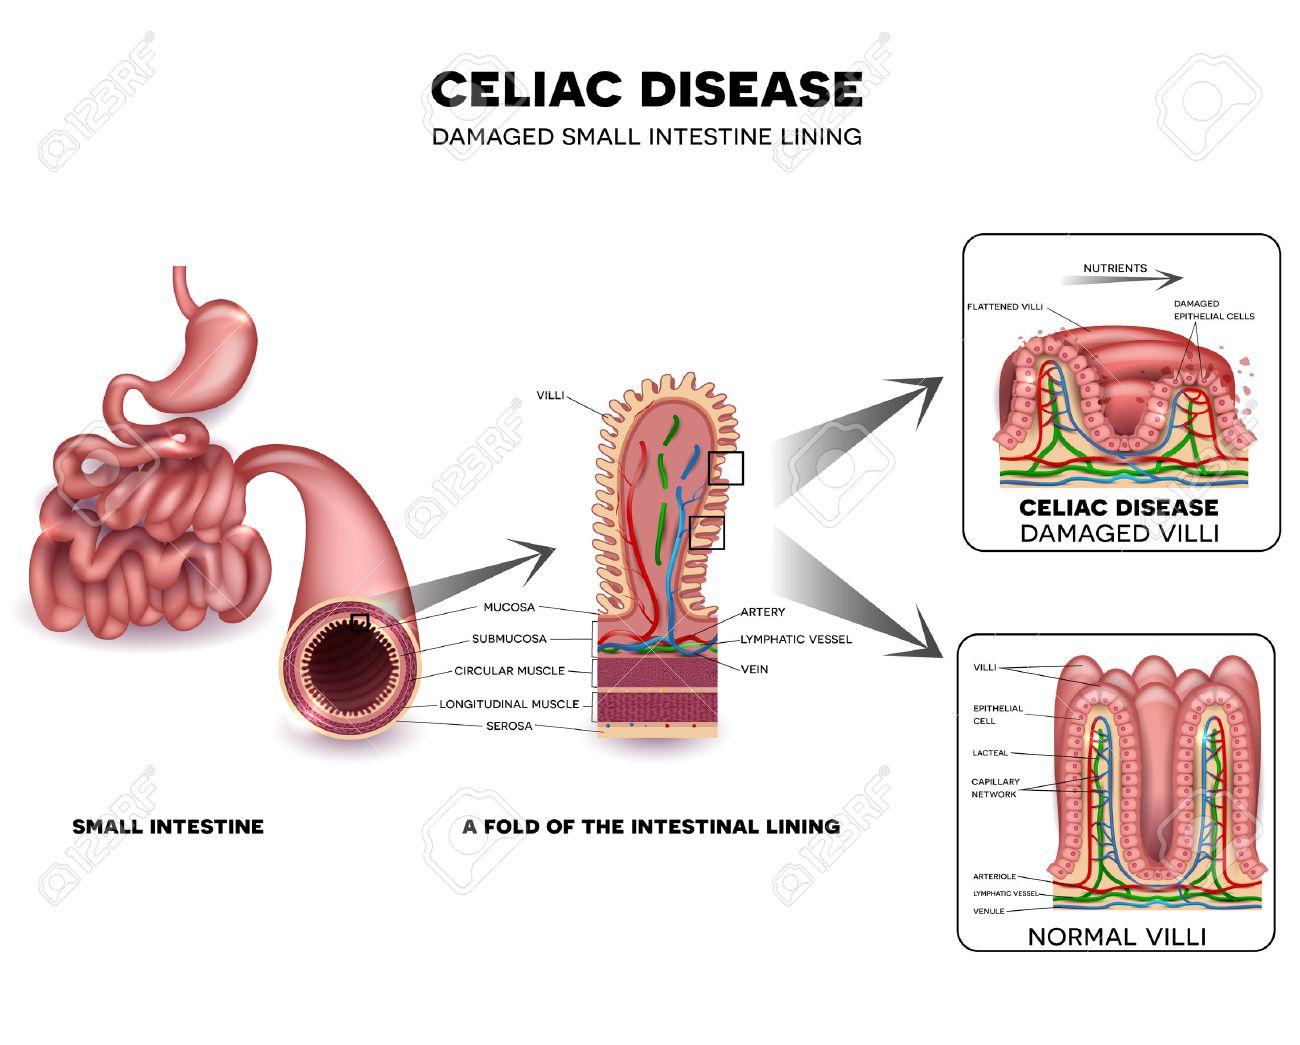 La Enfermedad Celíaca Se Detalla La Anatomía, Las Vellosidades ...